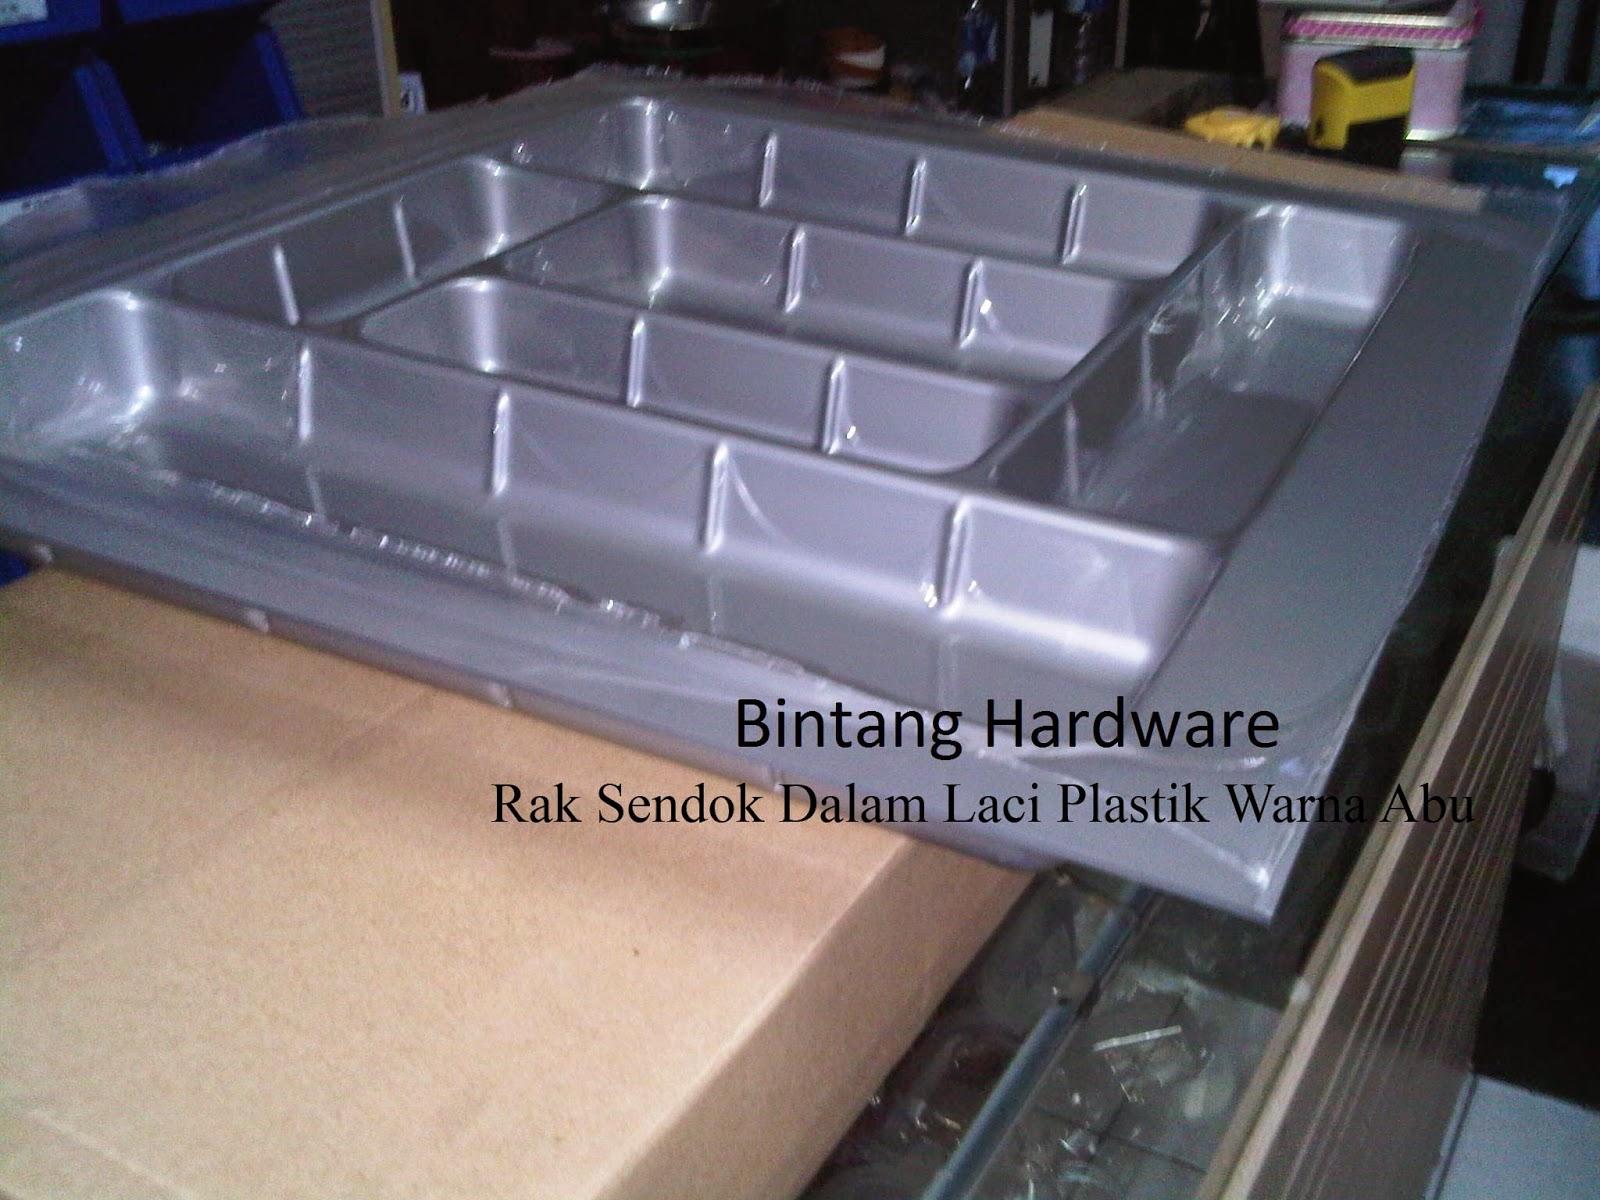 Rak sendok garpu pisau bahan plastik bintang hardware for Pemasangan kitchen set